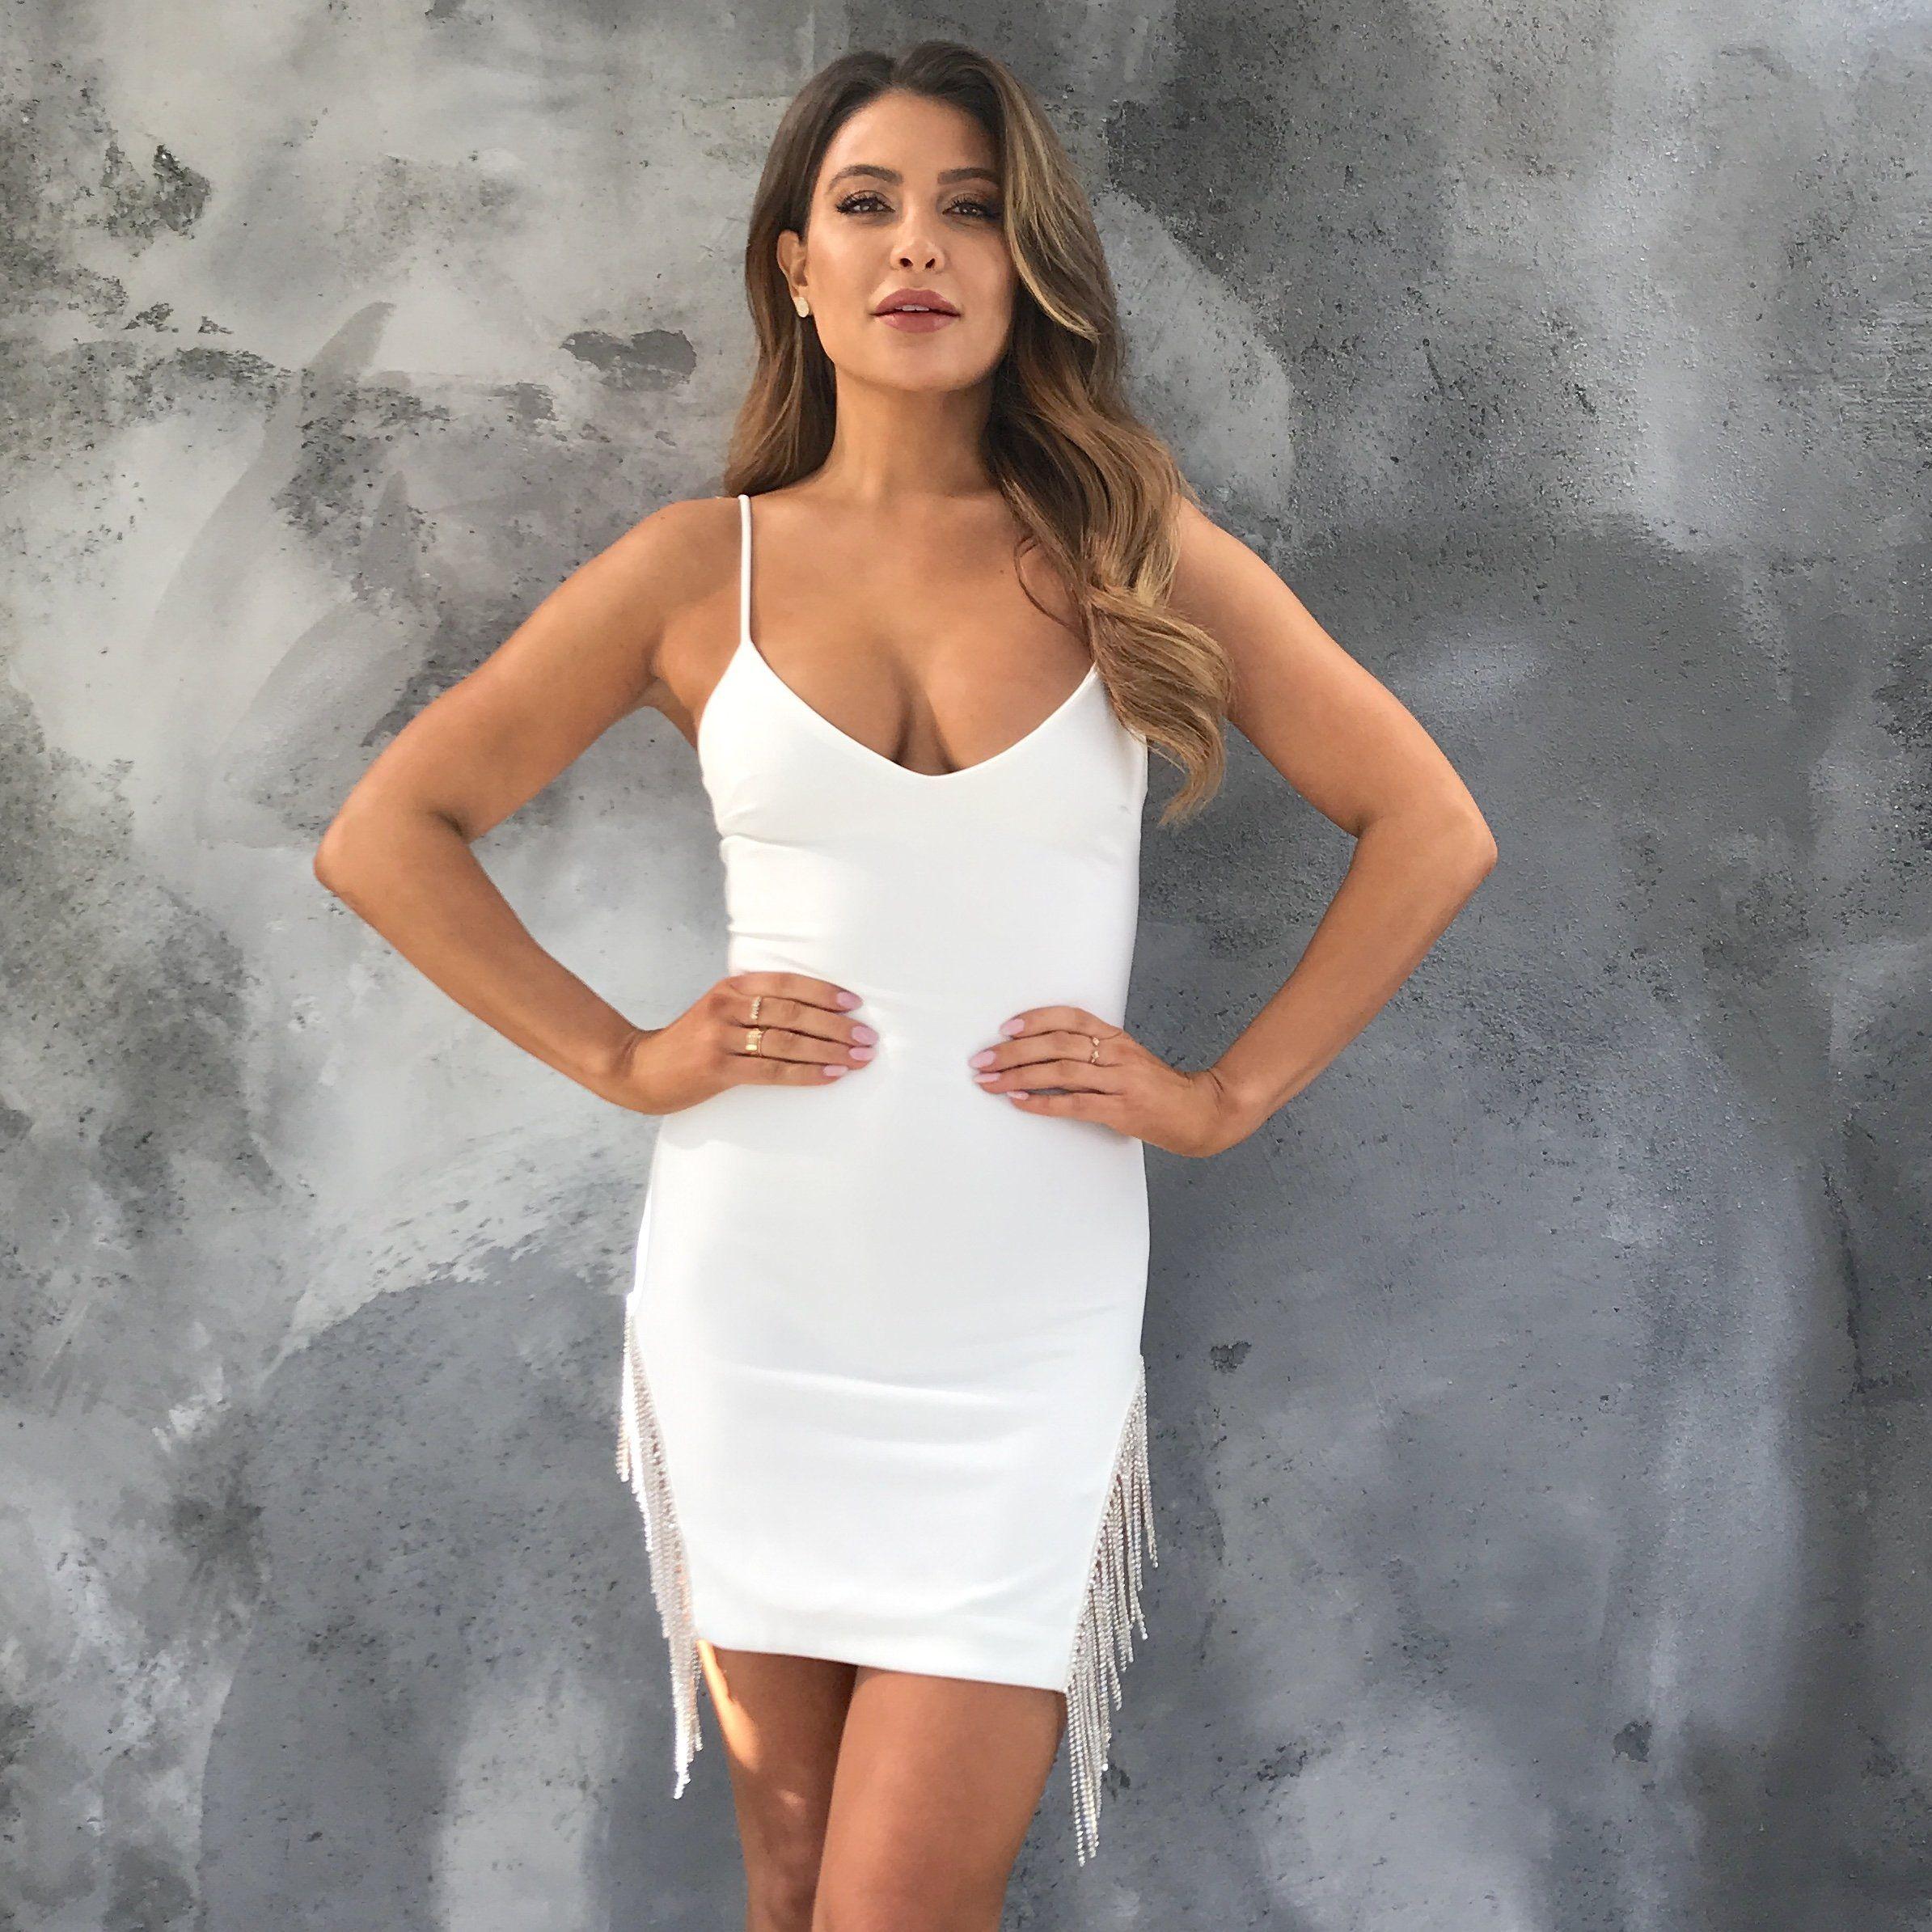 Dancing Queen Diamond Bodycon Dress Bachelorette Party Outfit Bachelorette Dress White Bachelorette Dress [ 2389 x 2389 Pixel ]